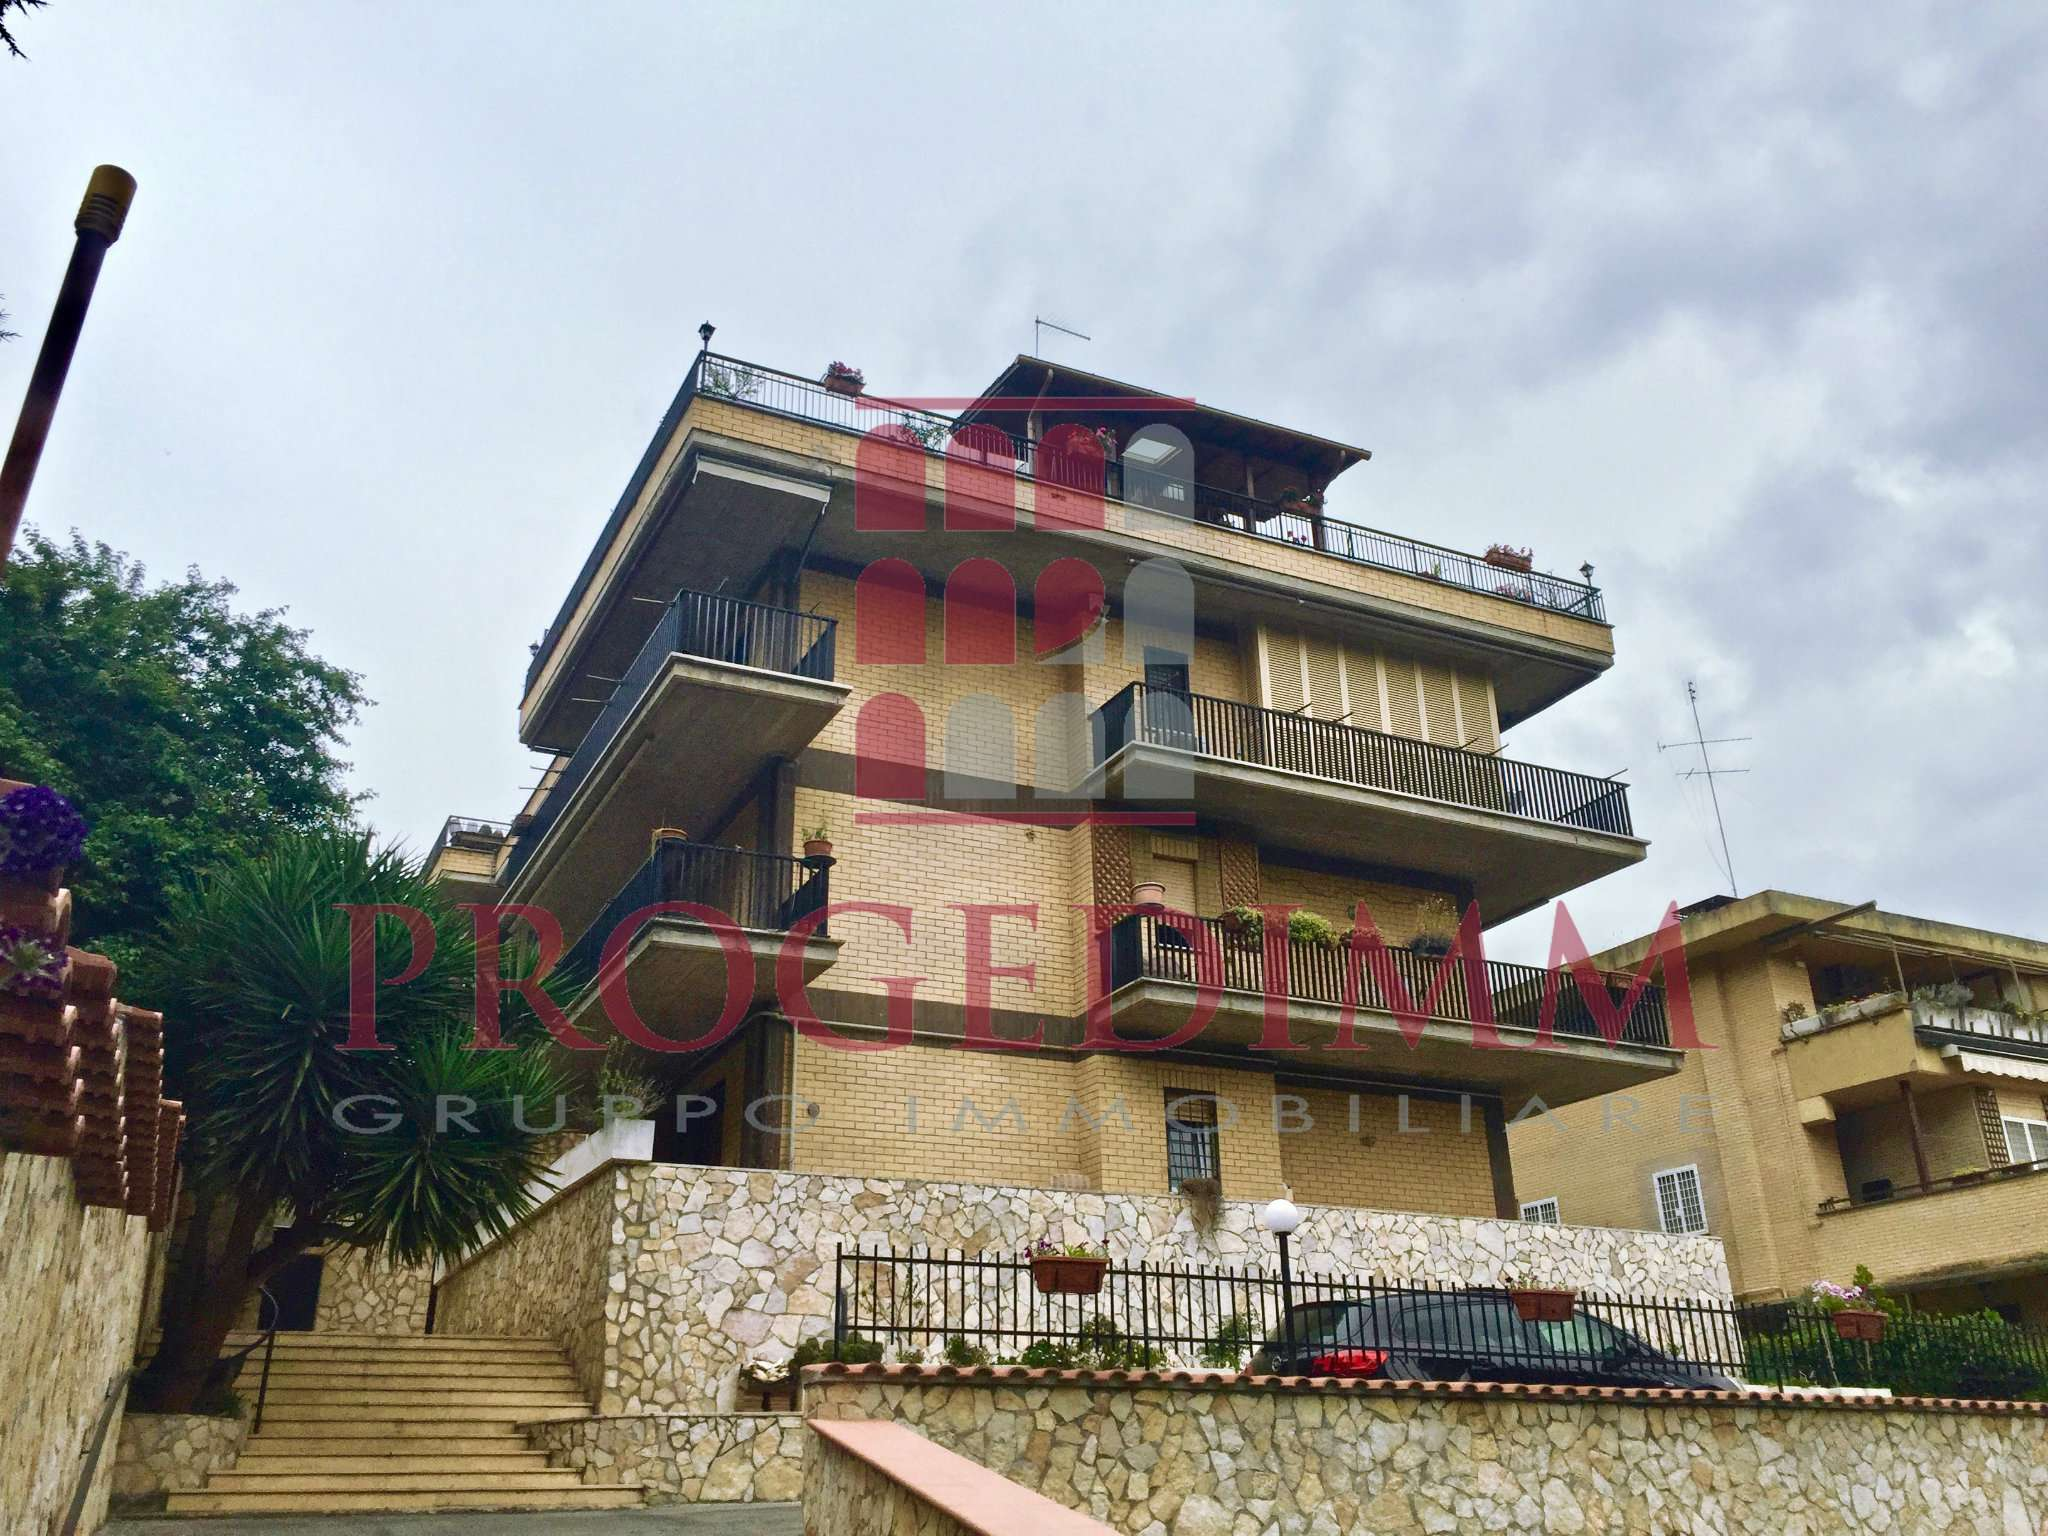 Appartamento in vendita 4 vani 135 mq.  via Guido Guida  16 Roma